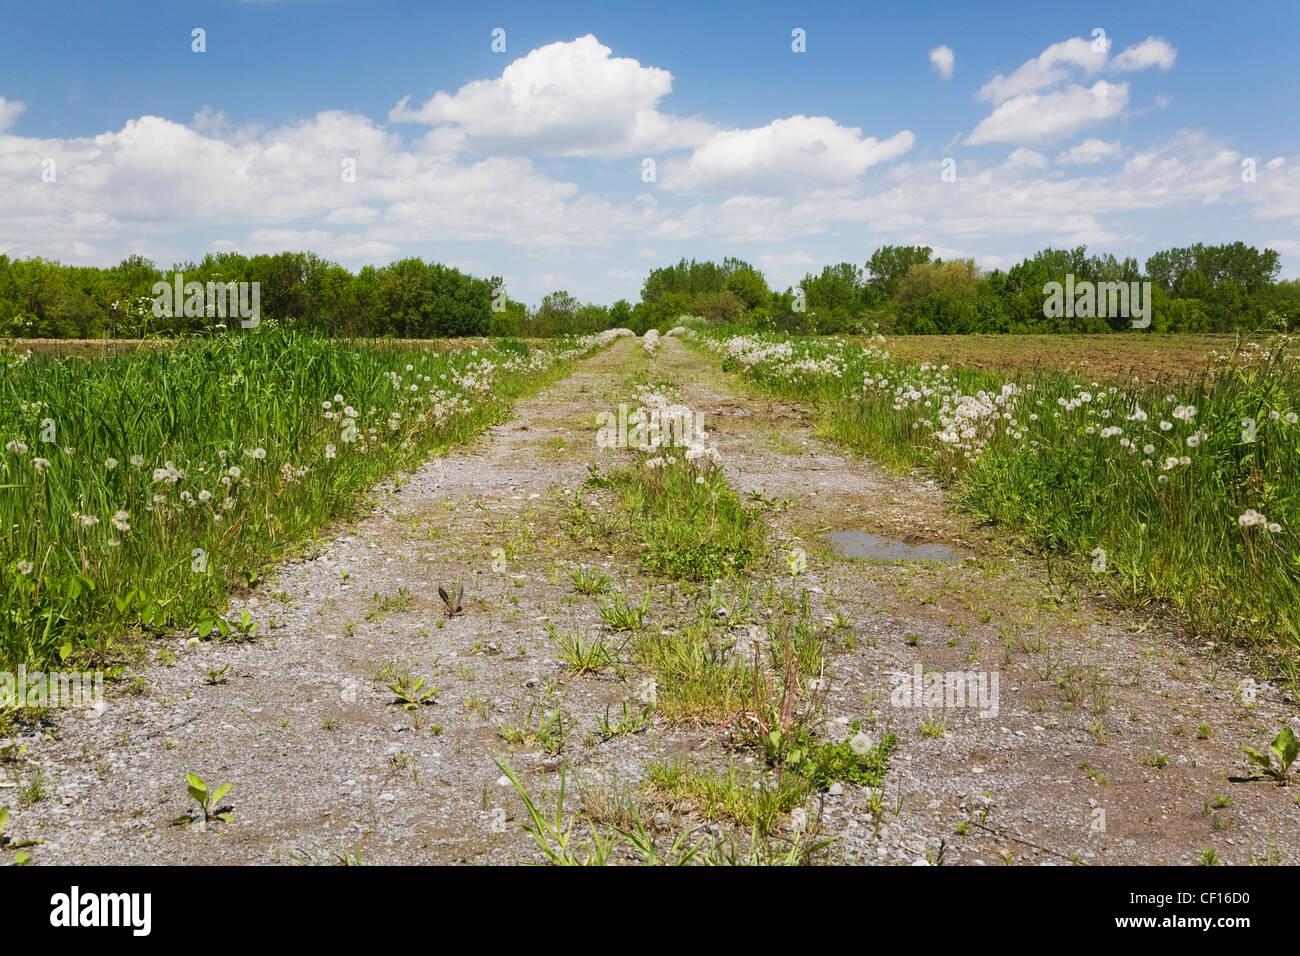 Feldweg durch einen landwirtschaftlichen Bereich im Frühjahr; Quebec Kanada Stockbild